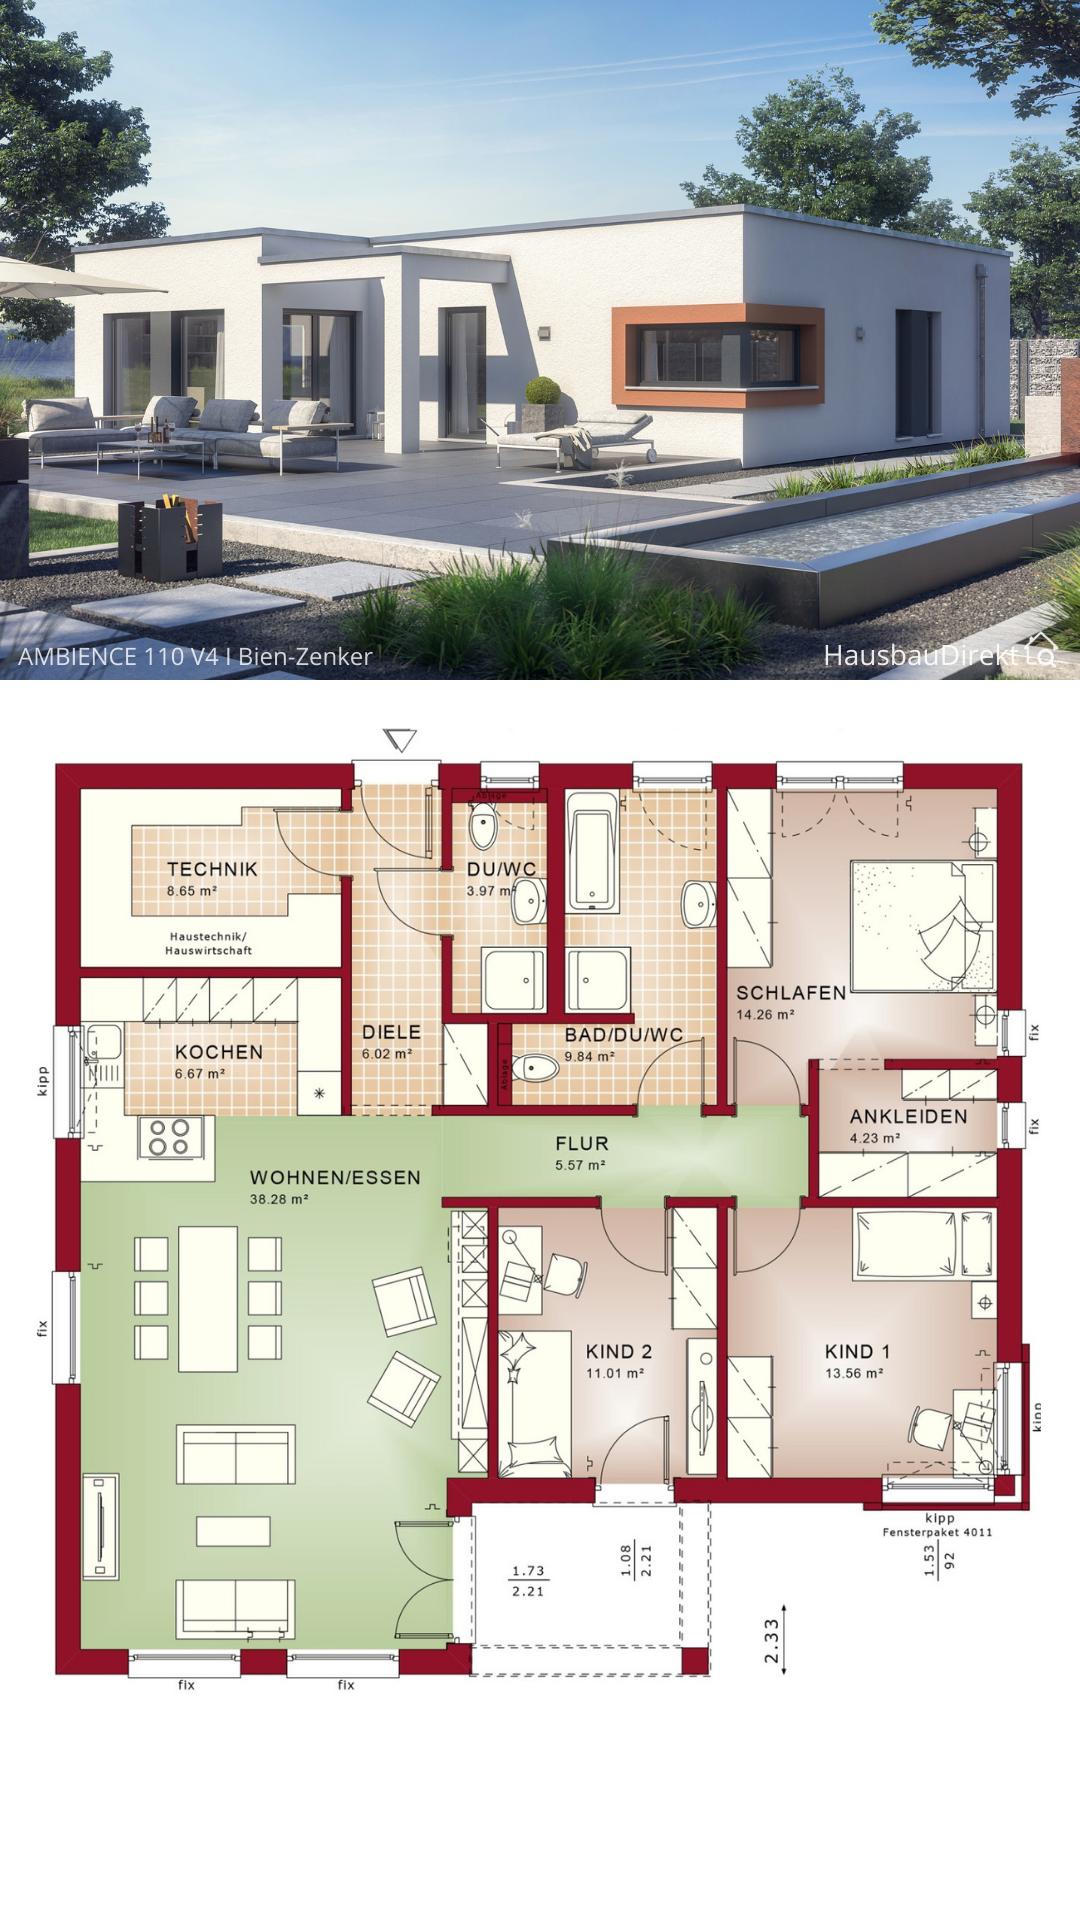 Moderner Fertighaus Bungalow Haus Grundriss mit Flachdach im Bauhausstil bauen 120 qm 4 Zimmer